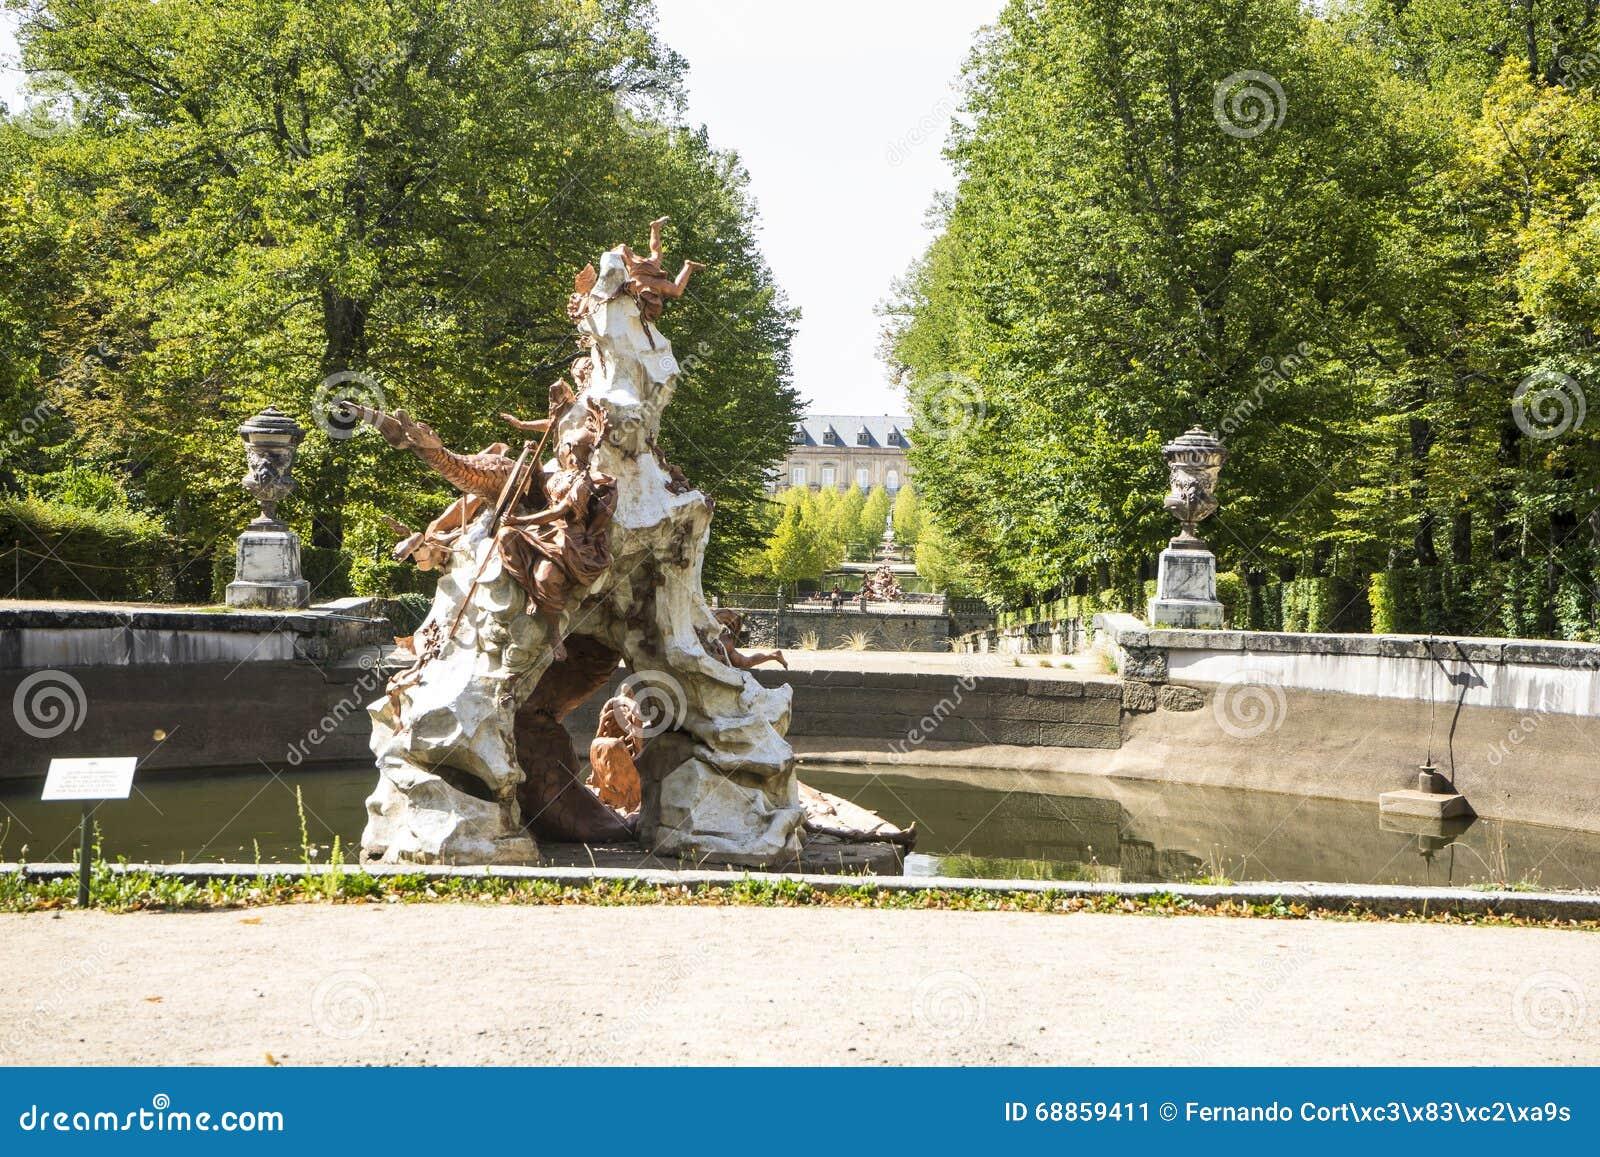 мифология, золотые фонтаны в дворце Сеговии в Испании бронза f